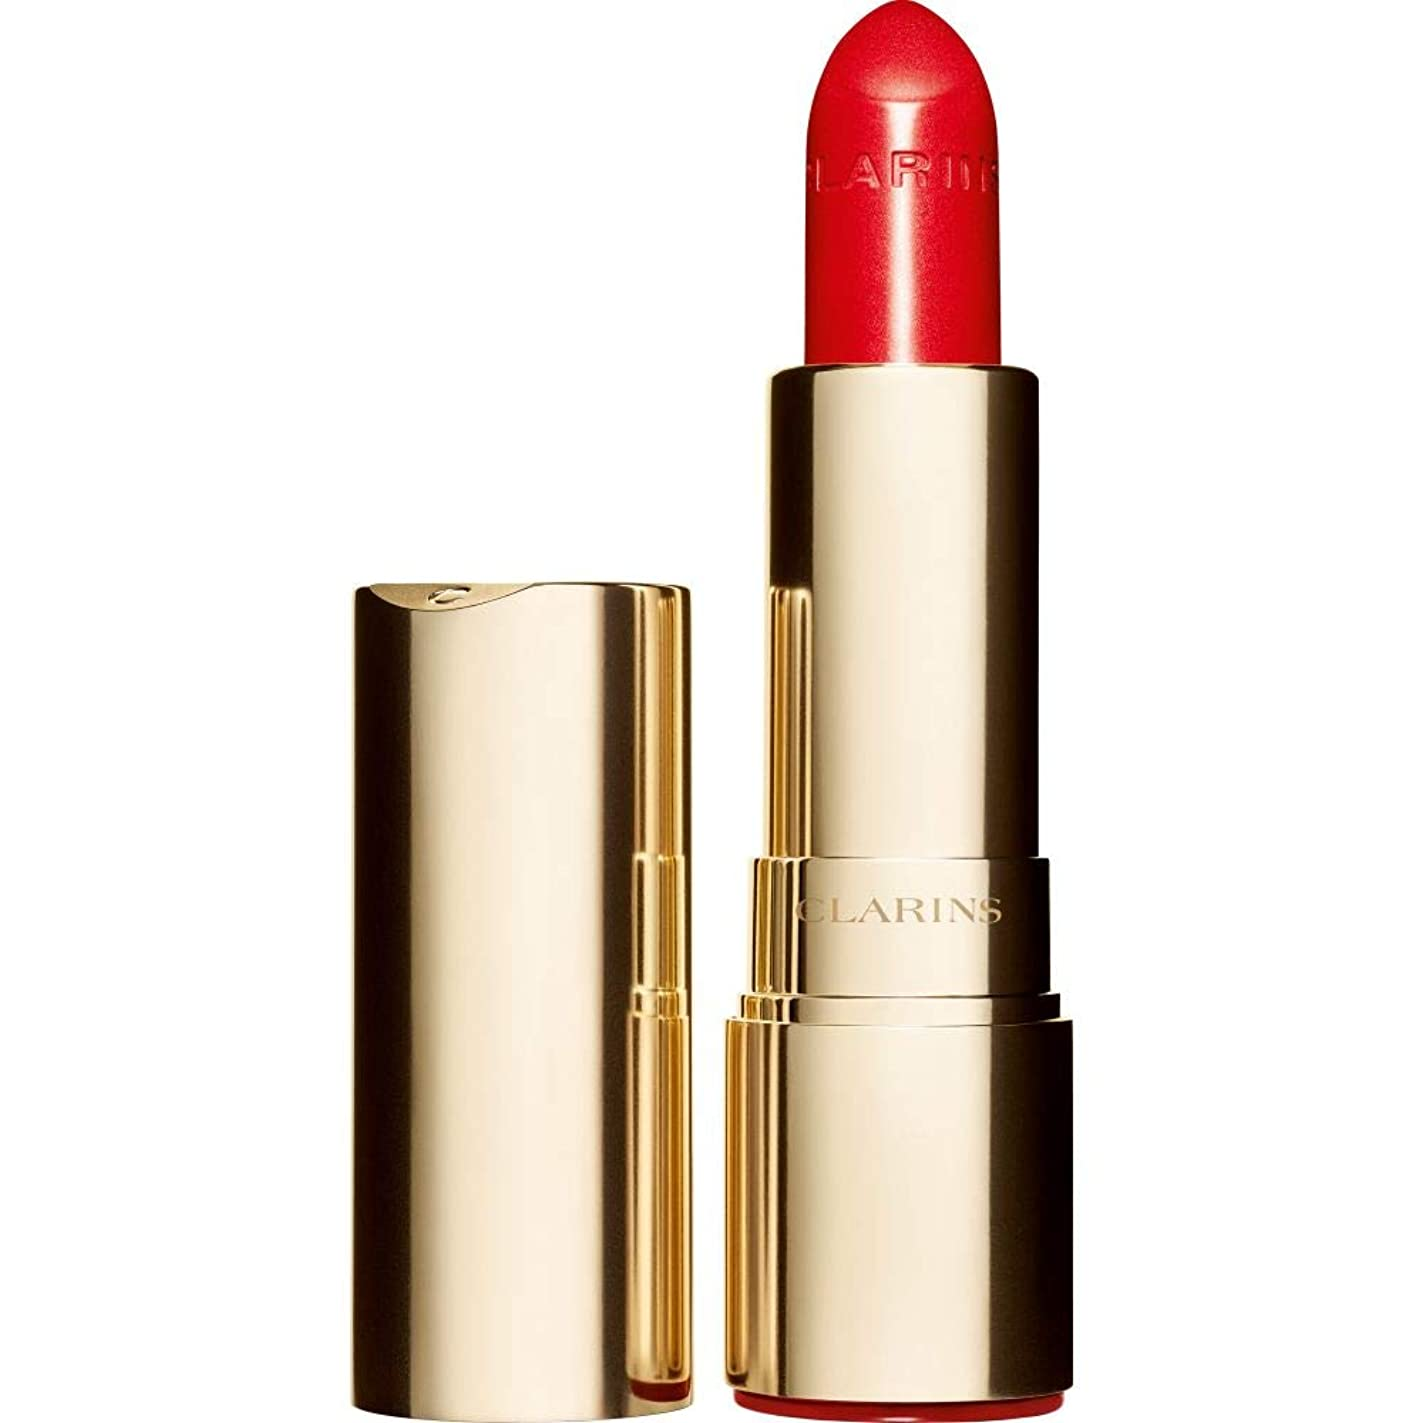 四回パレード以来[Clarins] クラランスジョリルージュブリリアント口紅3.5グラムの741S - 赤、オレンジ - Clarins Joli Rouge Brillant Lipstick 3.5g 741S - Red Orange [並行輸入品]